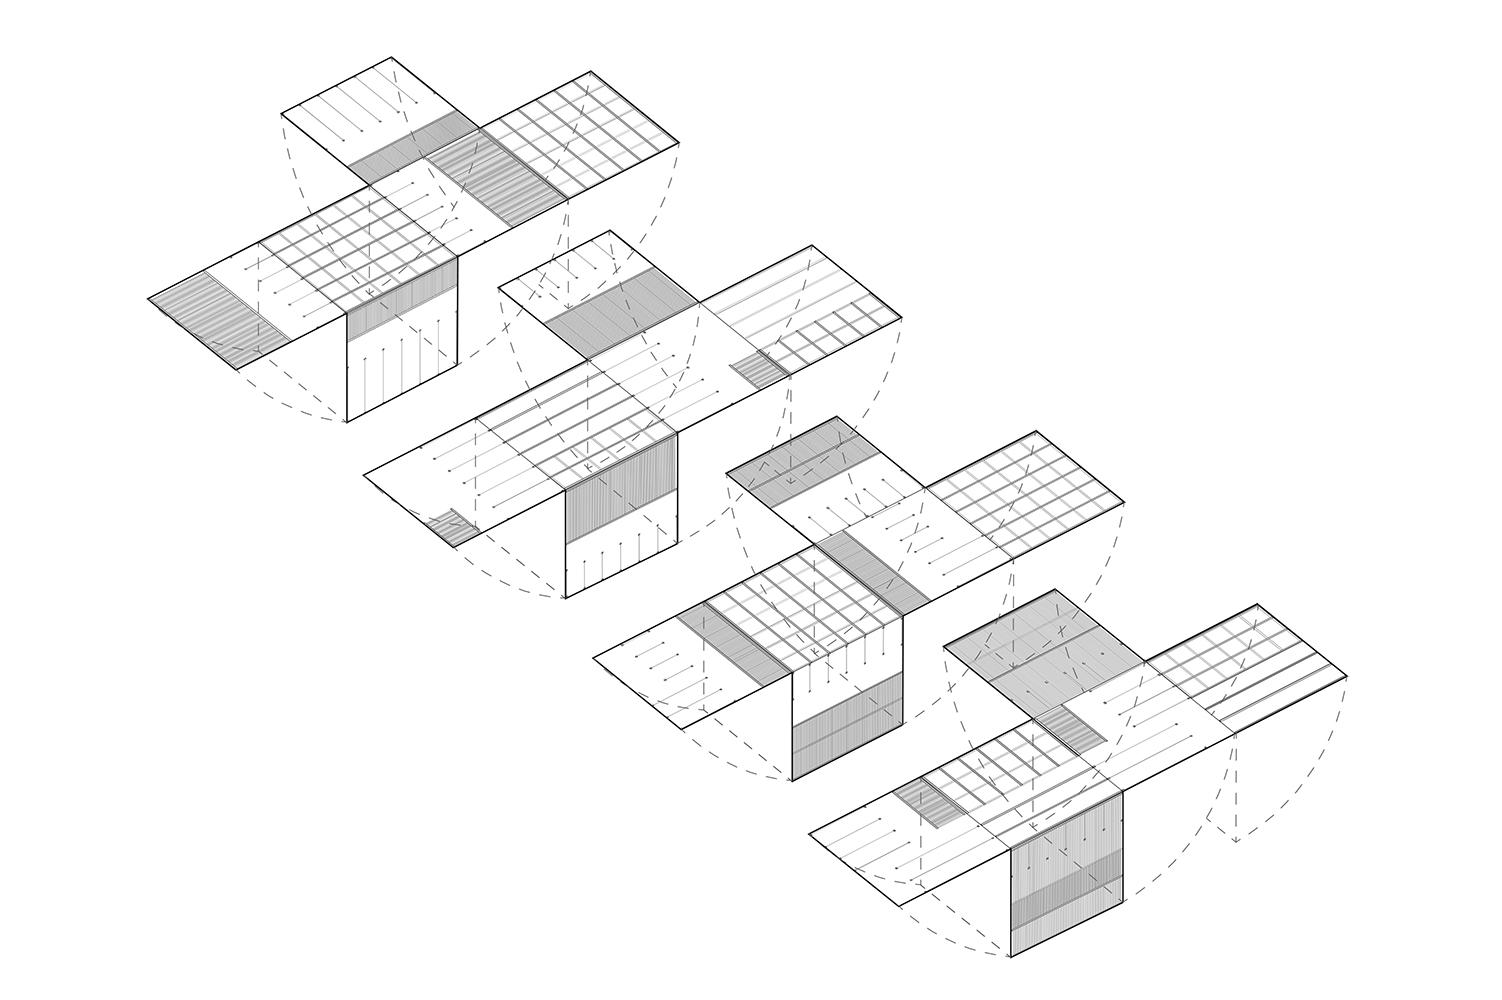 전개도 다이어그램 (그래픽용)-1500.jpg